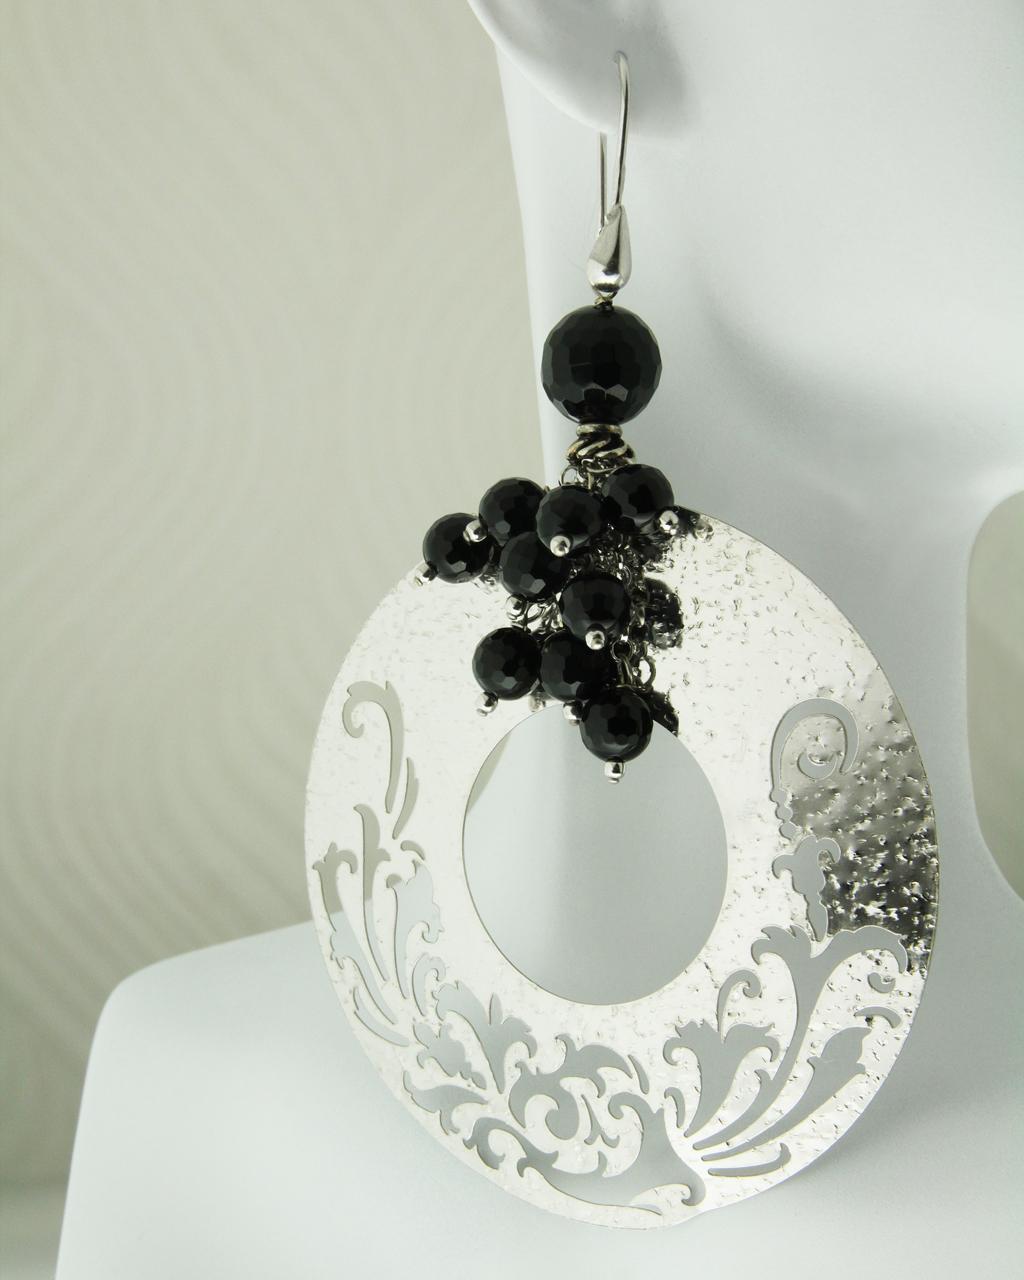 Σκουλαρίκια ασημένια 925 με Όνυχα   γυναικα σκουλαρίκια σκουλαρίκια ημιπολύτιμοι λίθοι